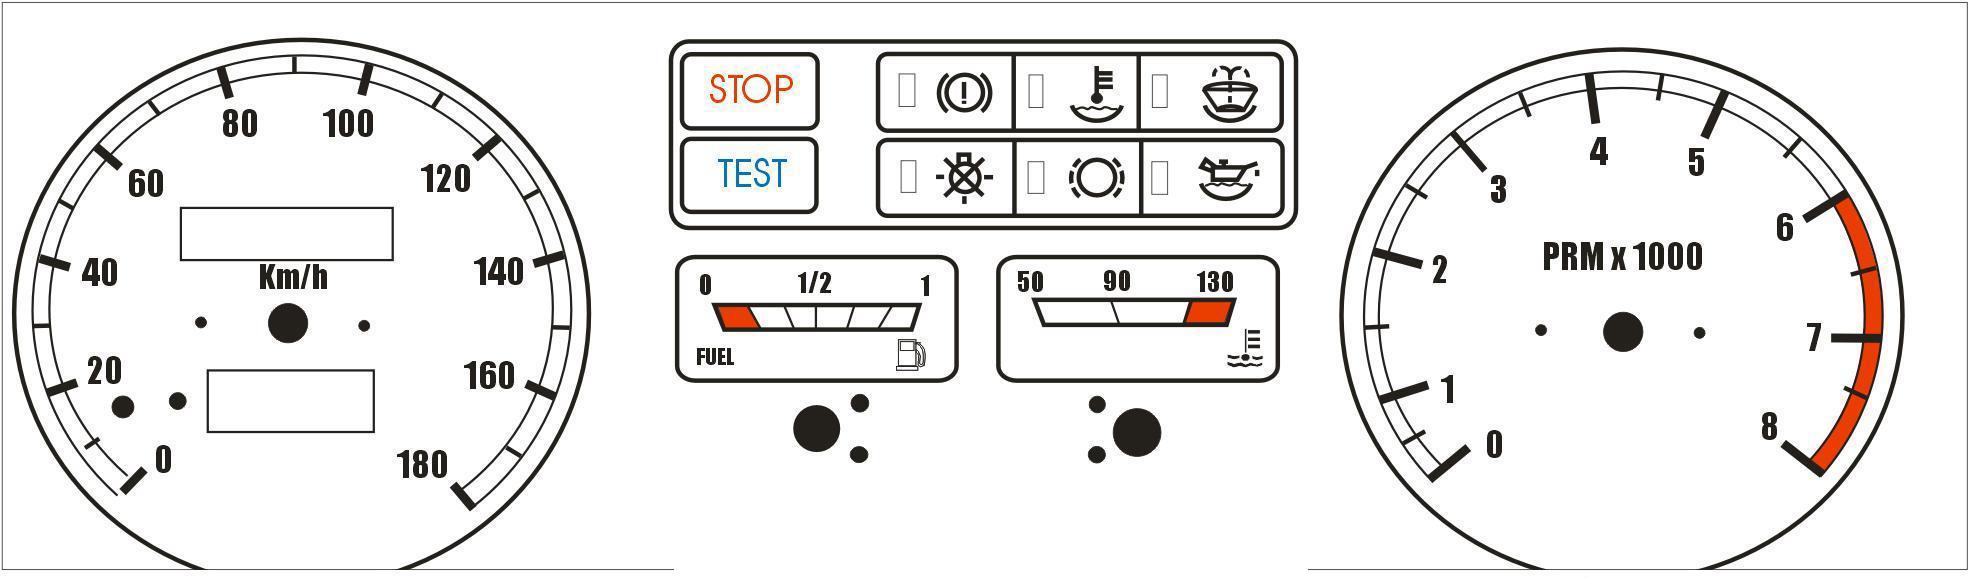 изображения приборов на электрических схемах